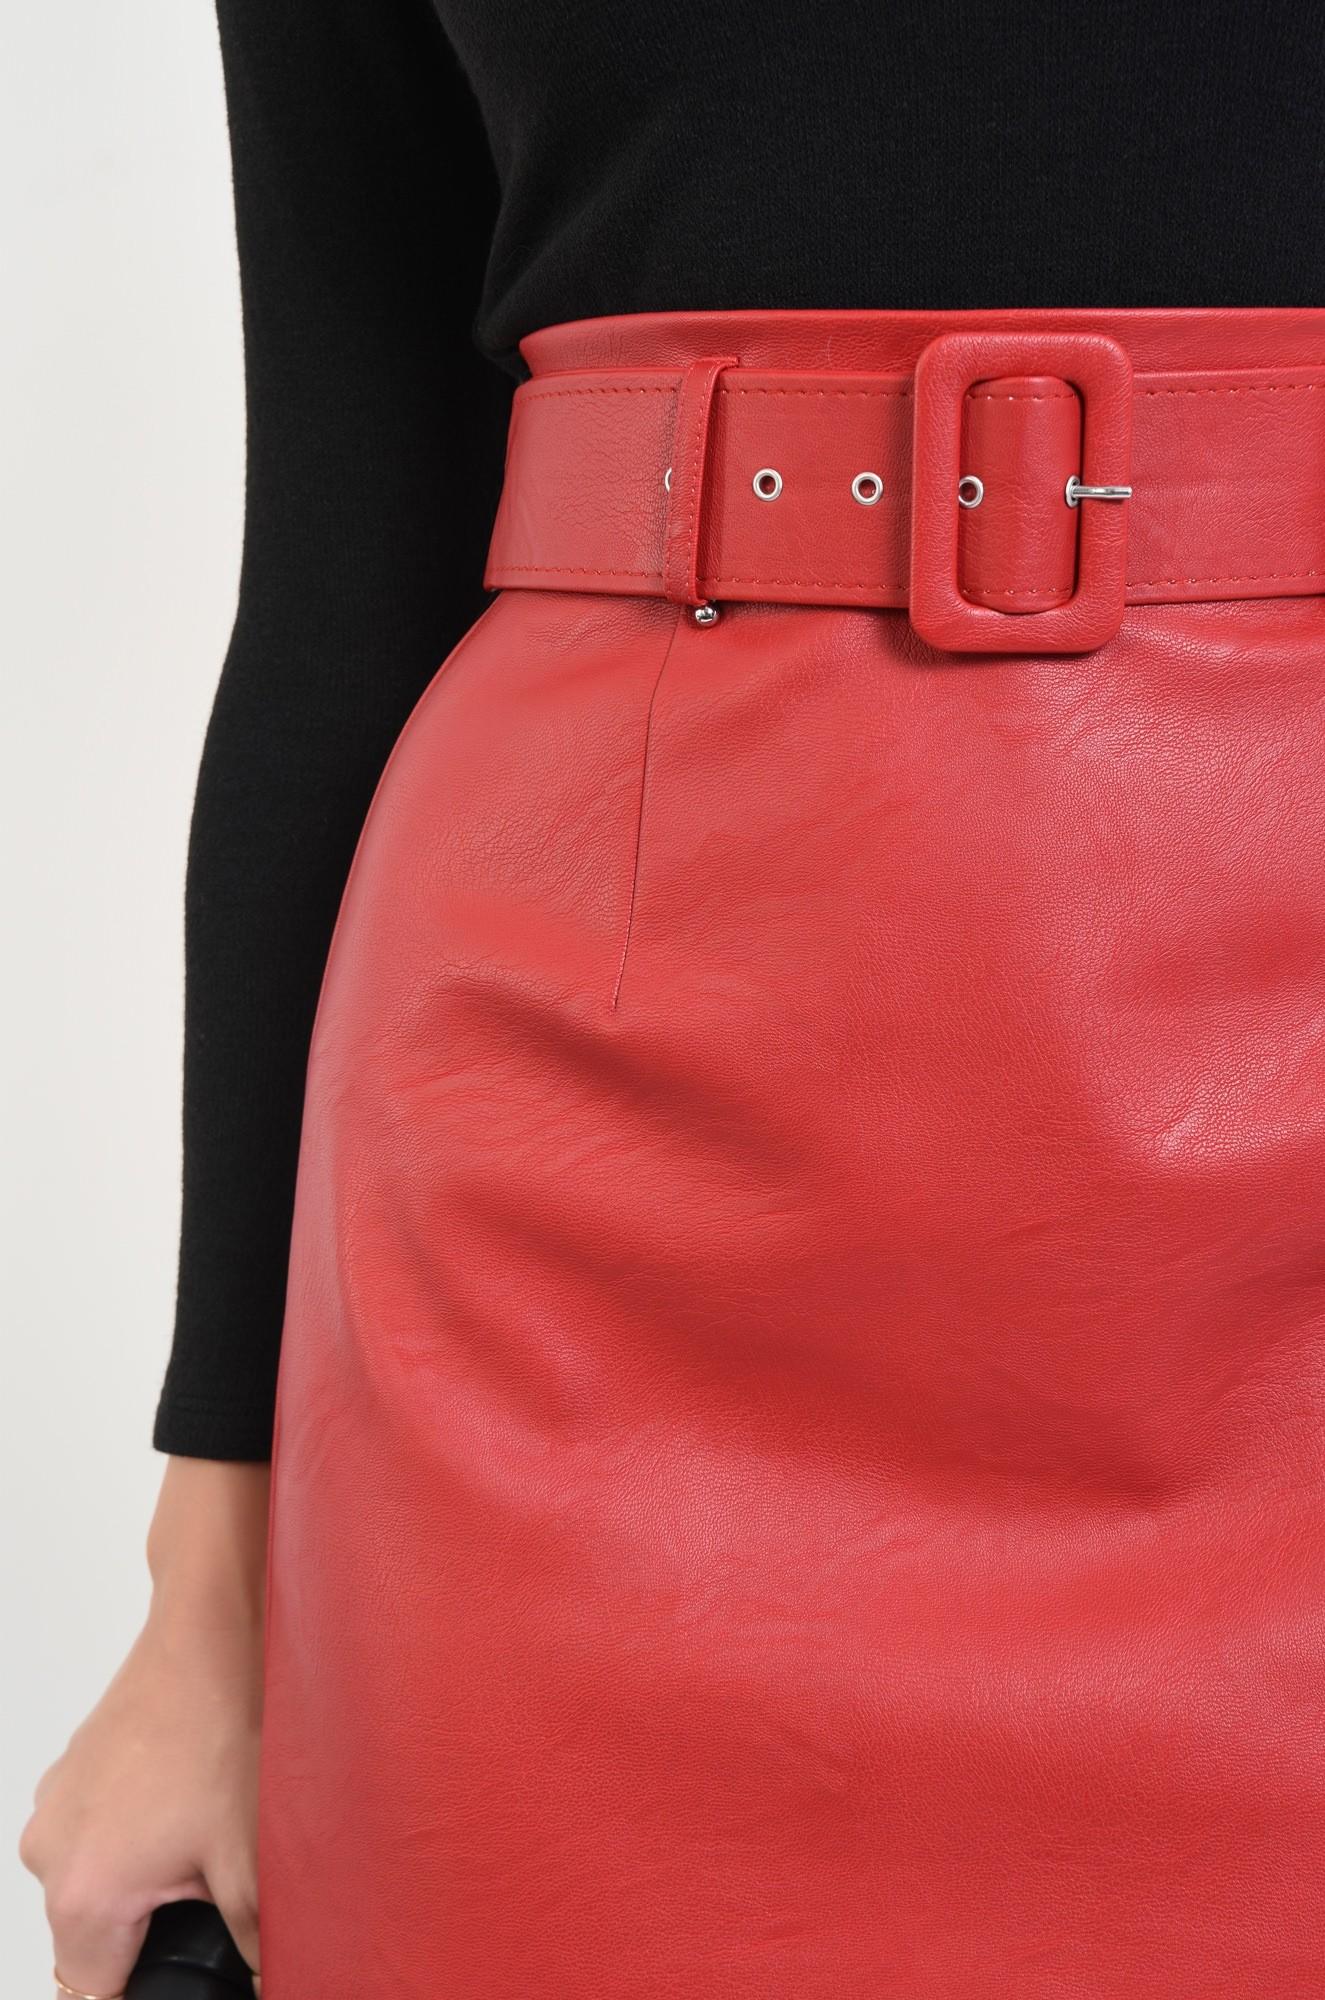 2 - 360 - fusta casual, scurta, rosie, cu centura, piele ecologica